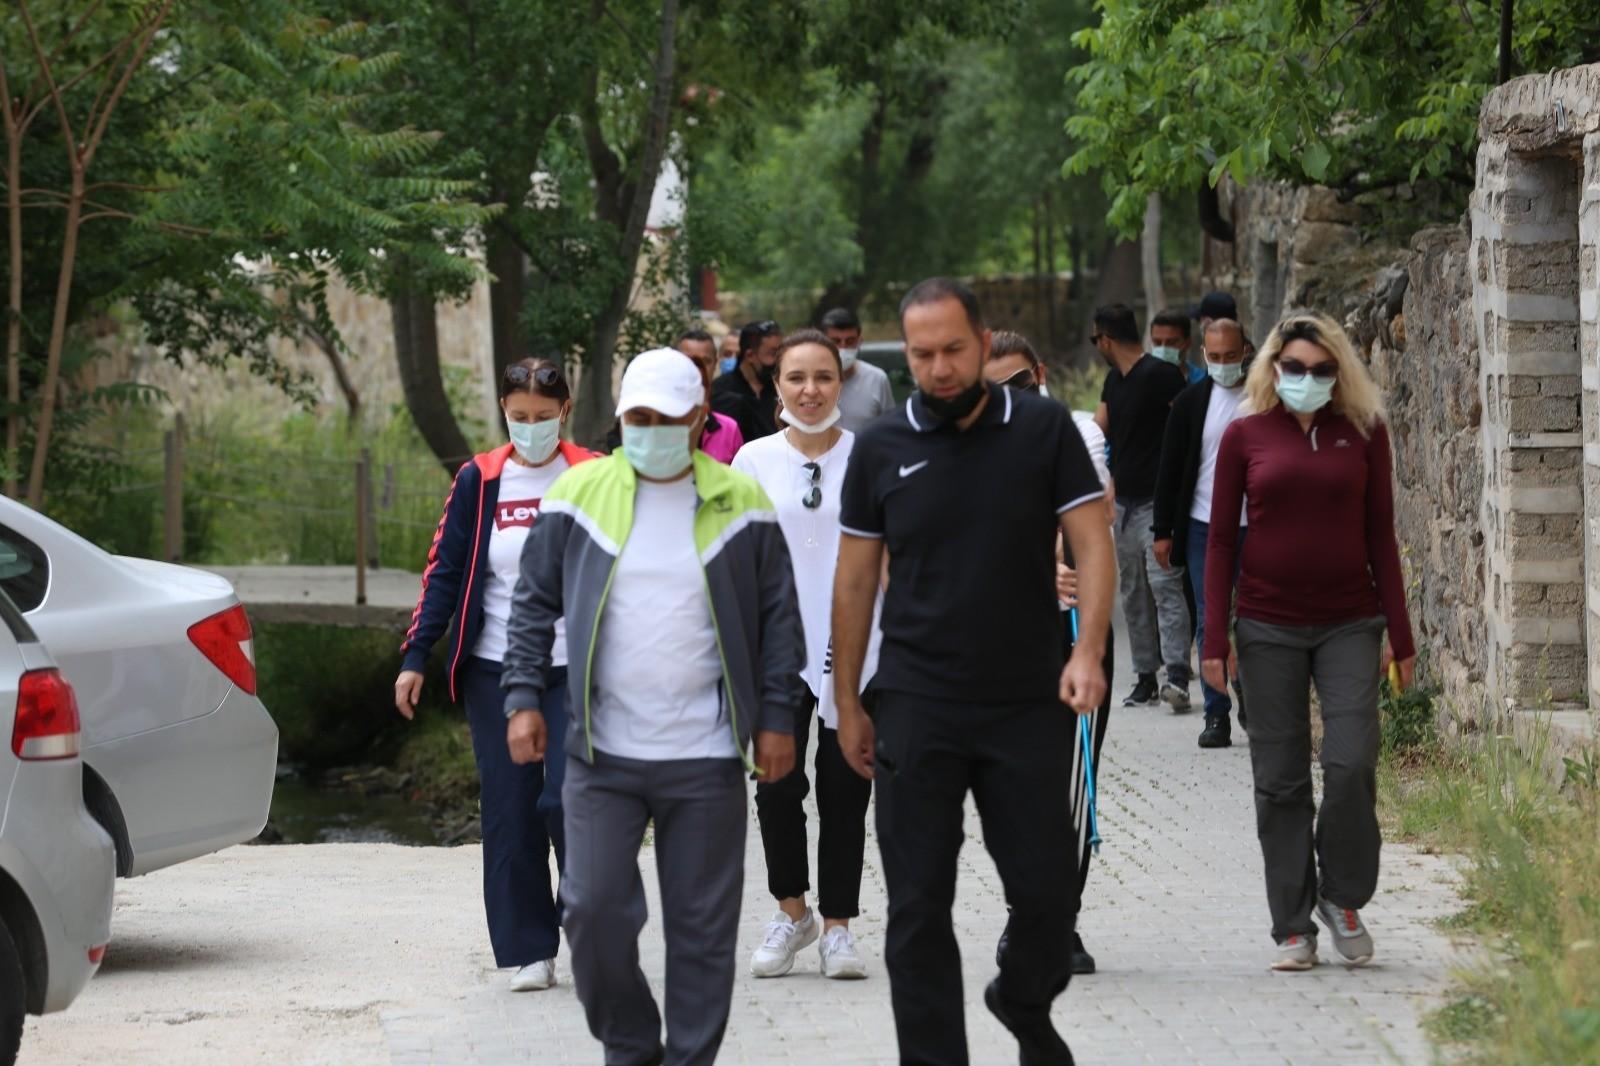 Niğde Belediye Başkanı Özdemir'in haftasonu mesaisi dolu geçiyor